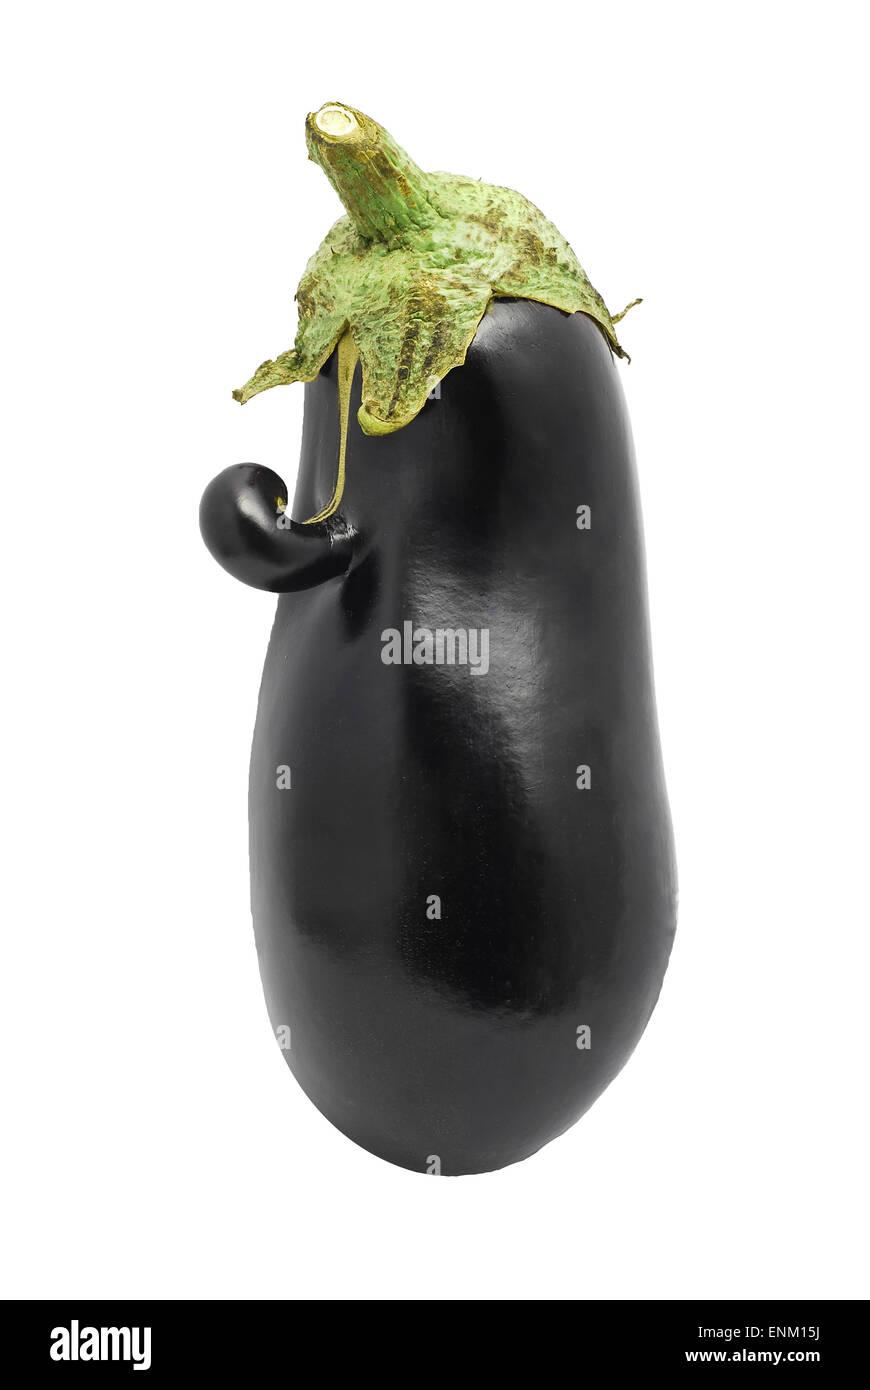 funny eggplant isolated on white - Stock Image